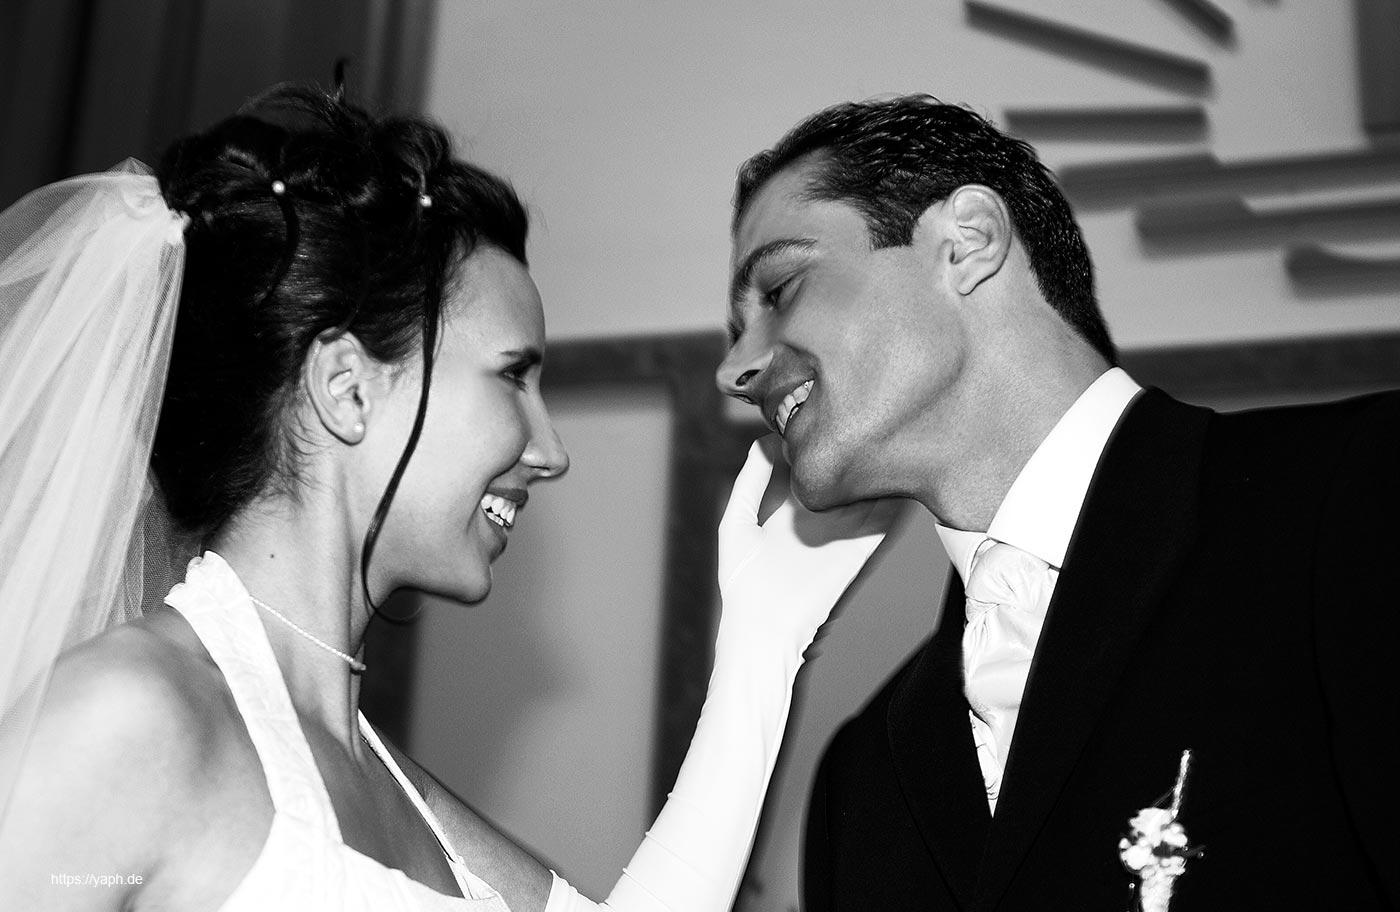 Hochzeitsfotografie Petra und Germain - Hochzzeitsfotograf Trier - Yaph